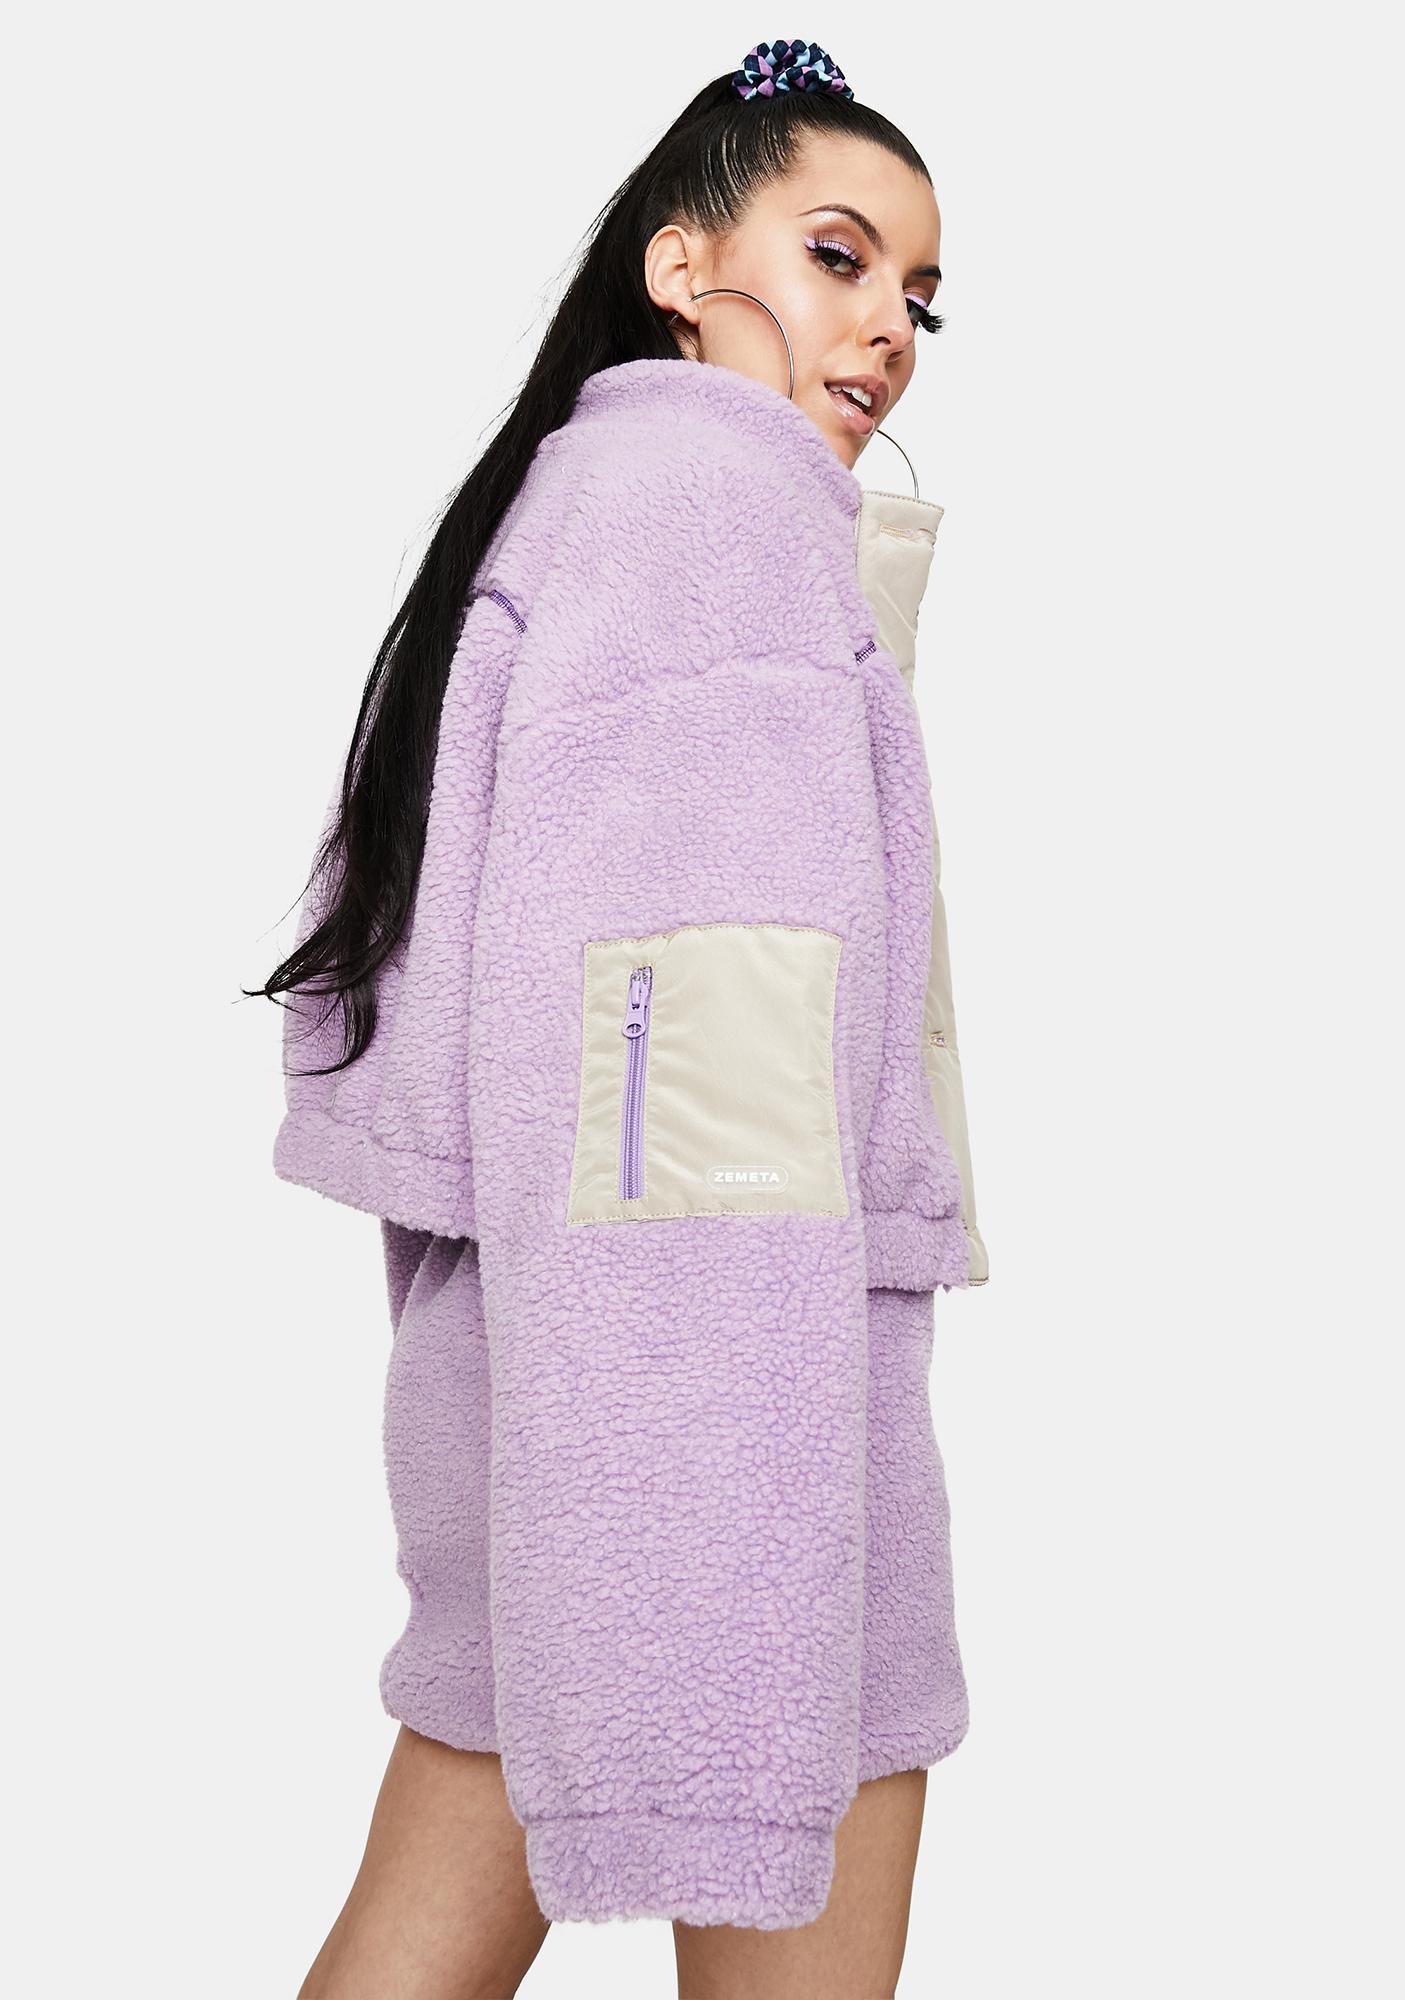 ZEMETA Yummy Sherpa Fleece Jacket